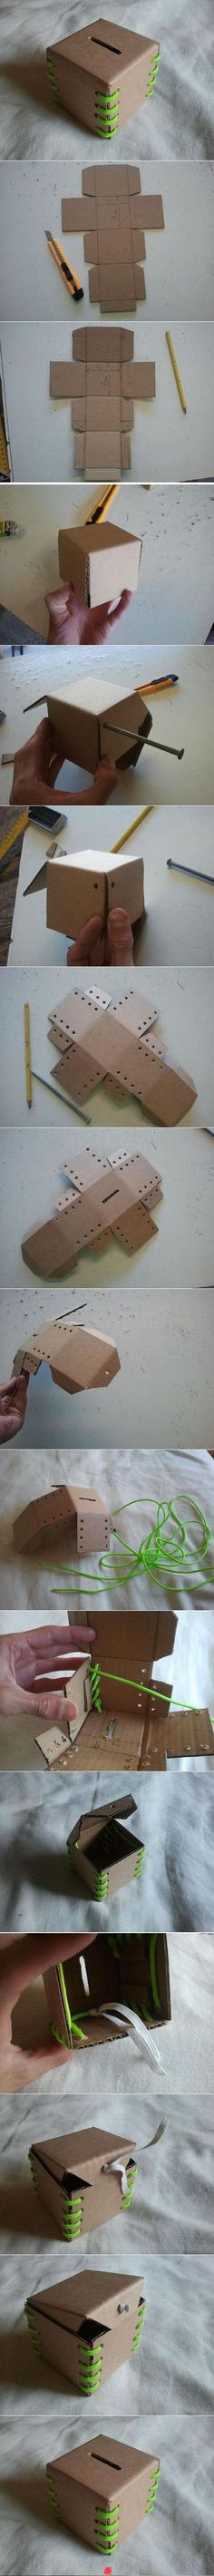 ¡Qué idea más original para hacer una hucha de cartón! Perfecta para ahorrar dinero: https://www.cajadecarton.es/cajas-para-envios?utm_source=Pinterest&utm_medium=social&utm_campaign=20160616-cajas_envios